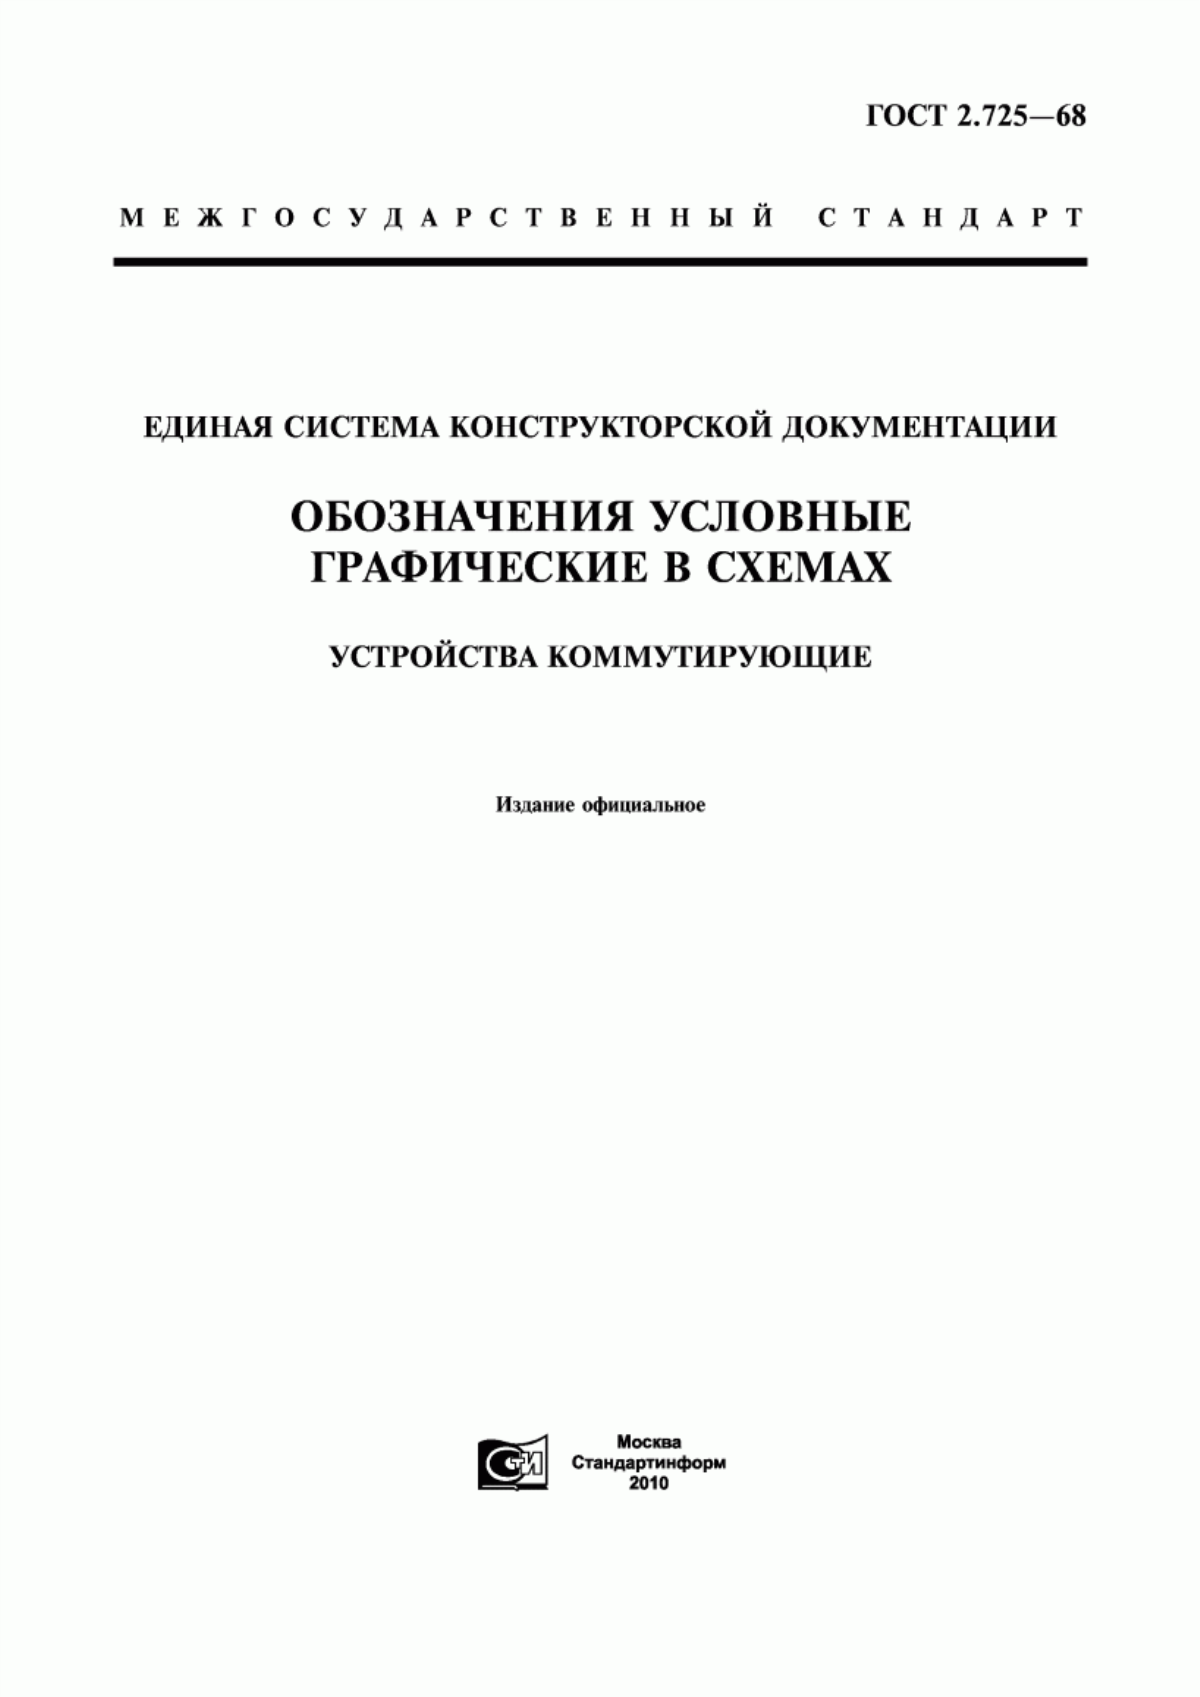 Гост 2.314-68 единая система конструкторской документации (ескд). указания на чертежах о маркировании и клеймении изделий (с изменениями n 1, 2)